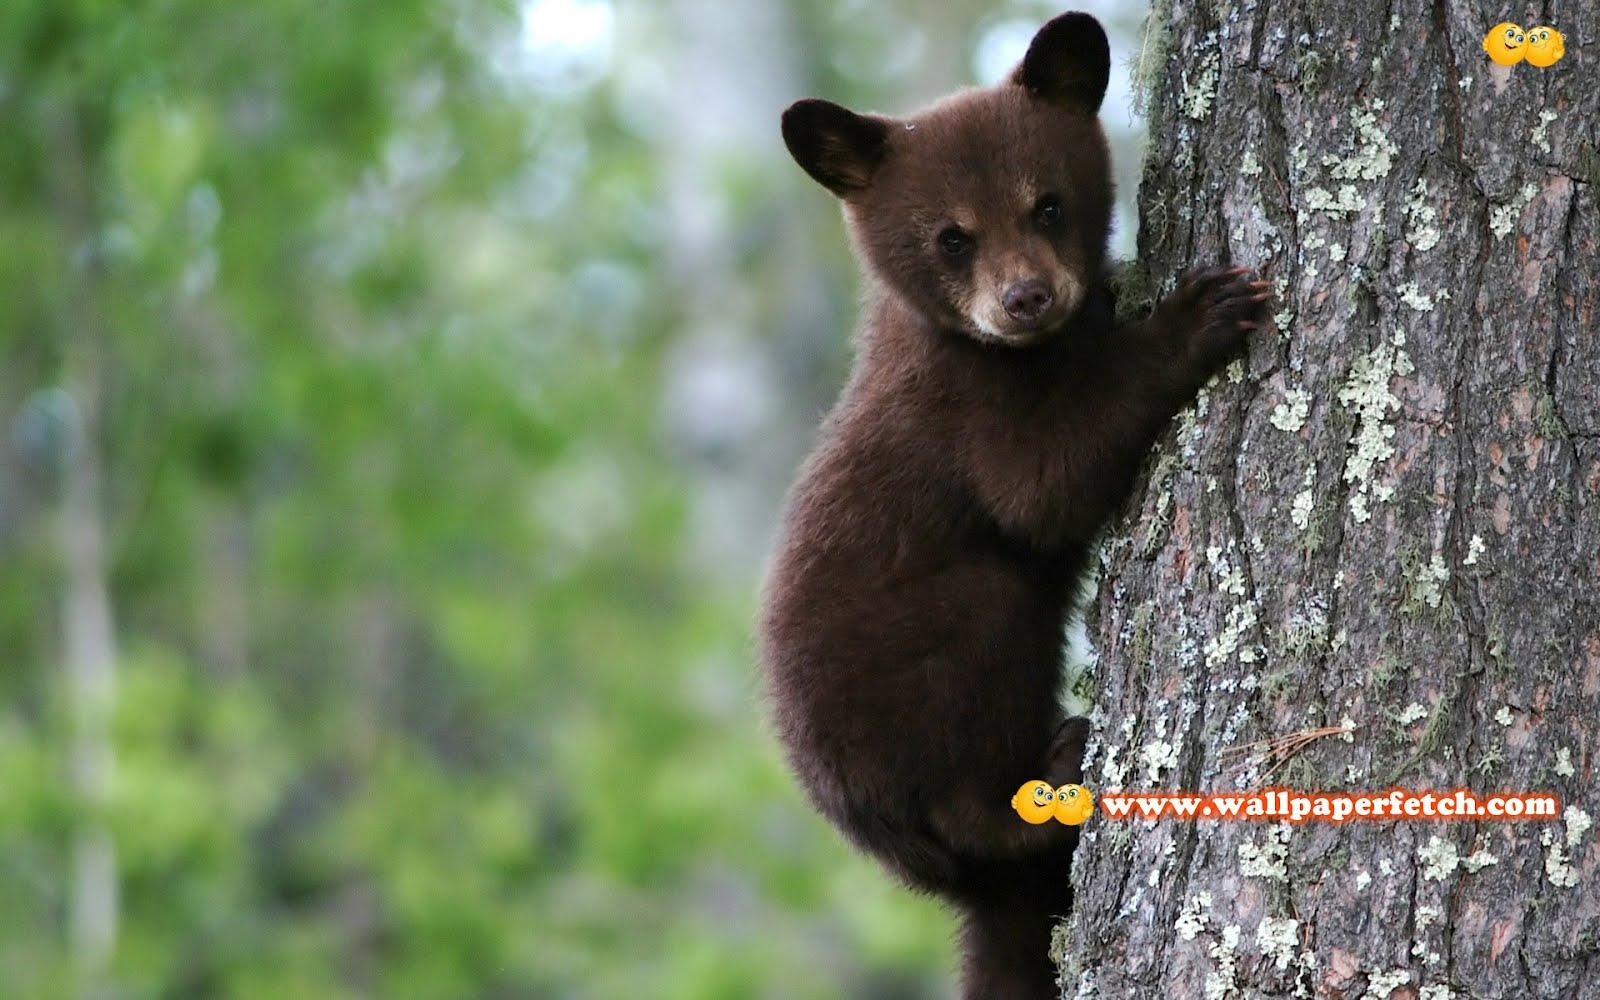 http://1.bp.blogspot.com/-nv6QNaq-5Ek/T1CoQ1F3J3I/AAAAAAAAMu8/D73CoA3oulY/s1600/bear-cub-7733-1920x1200.jpg